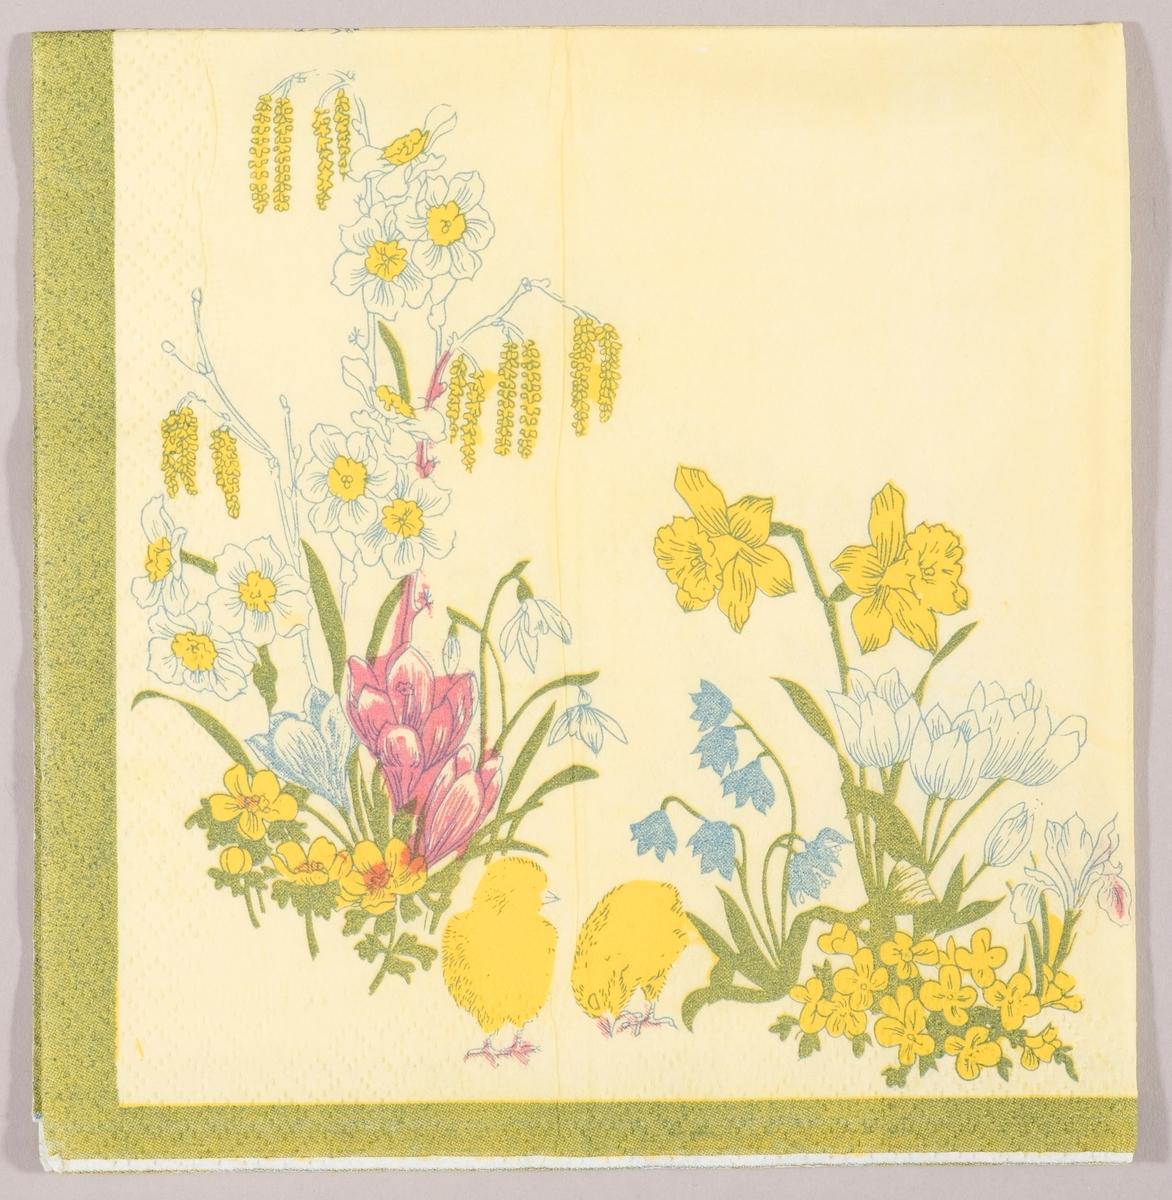 To kyllinger står mellom forskjellige vårblomster som påskeliljer, krokus, snøklokker og tulipaner. Grønn kantstripe.